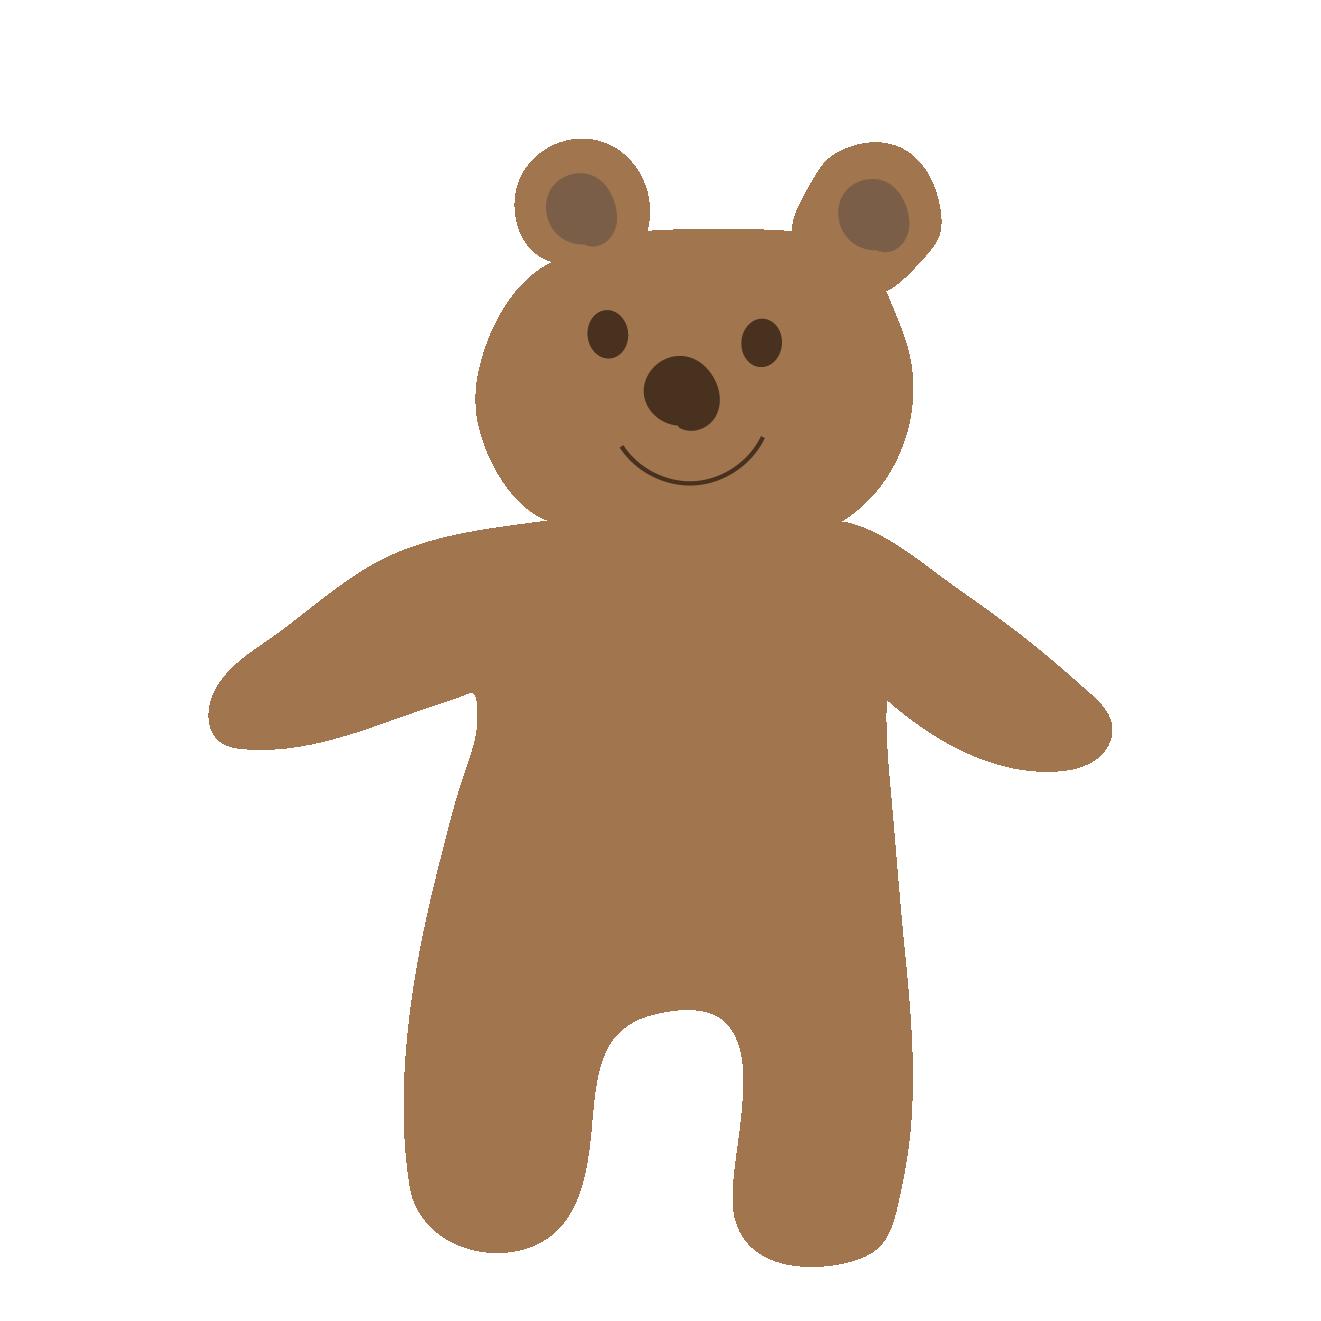 立っている熊(くま・クマ・テディベア)ニコニコイラスト【動物